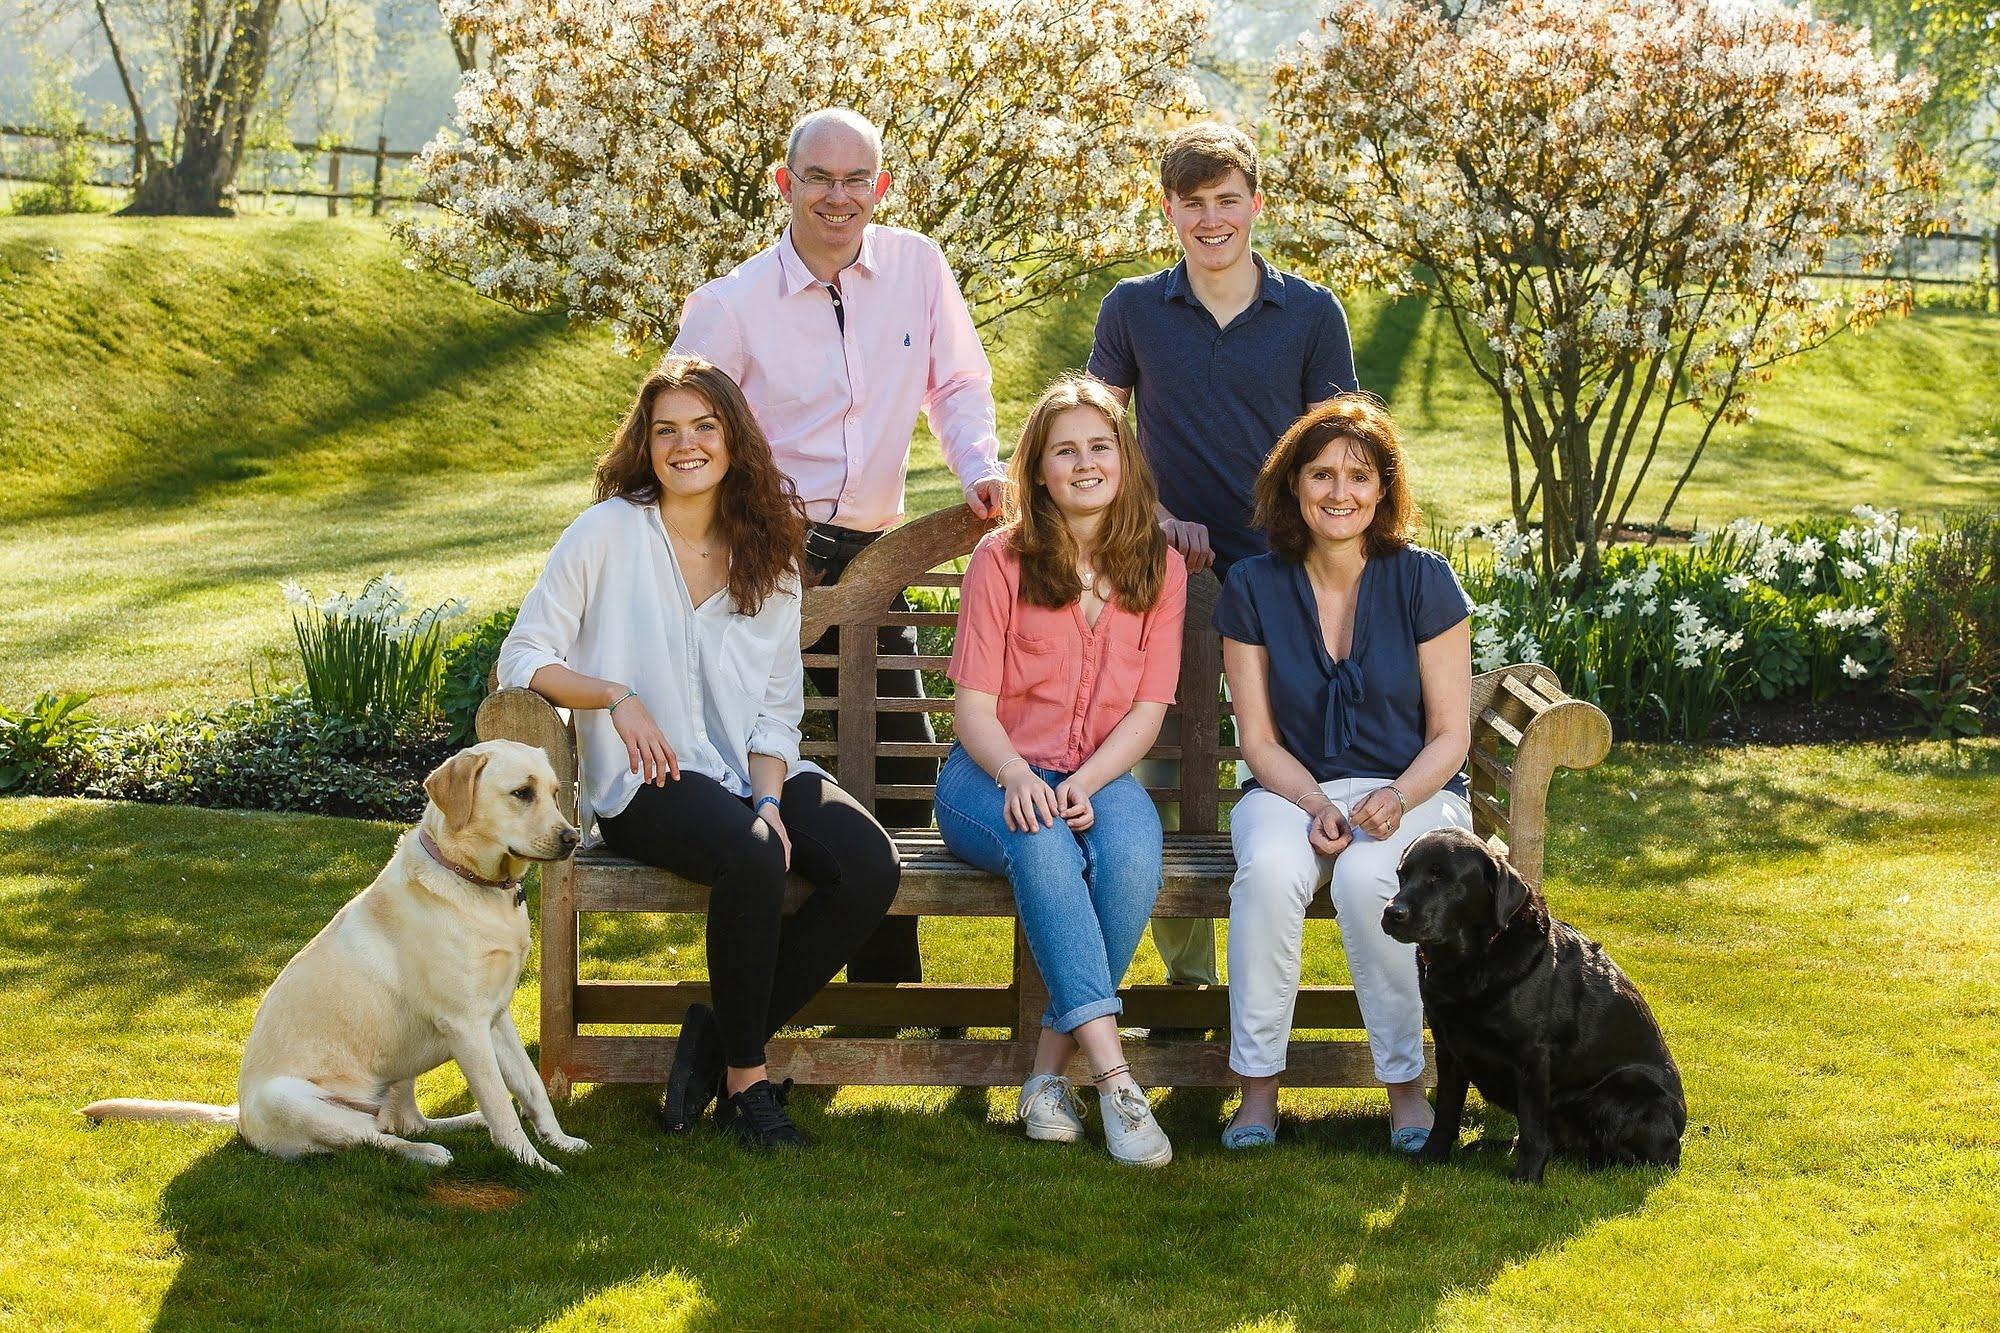 family-portrait-surrey-Chris-Mann-Photography